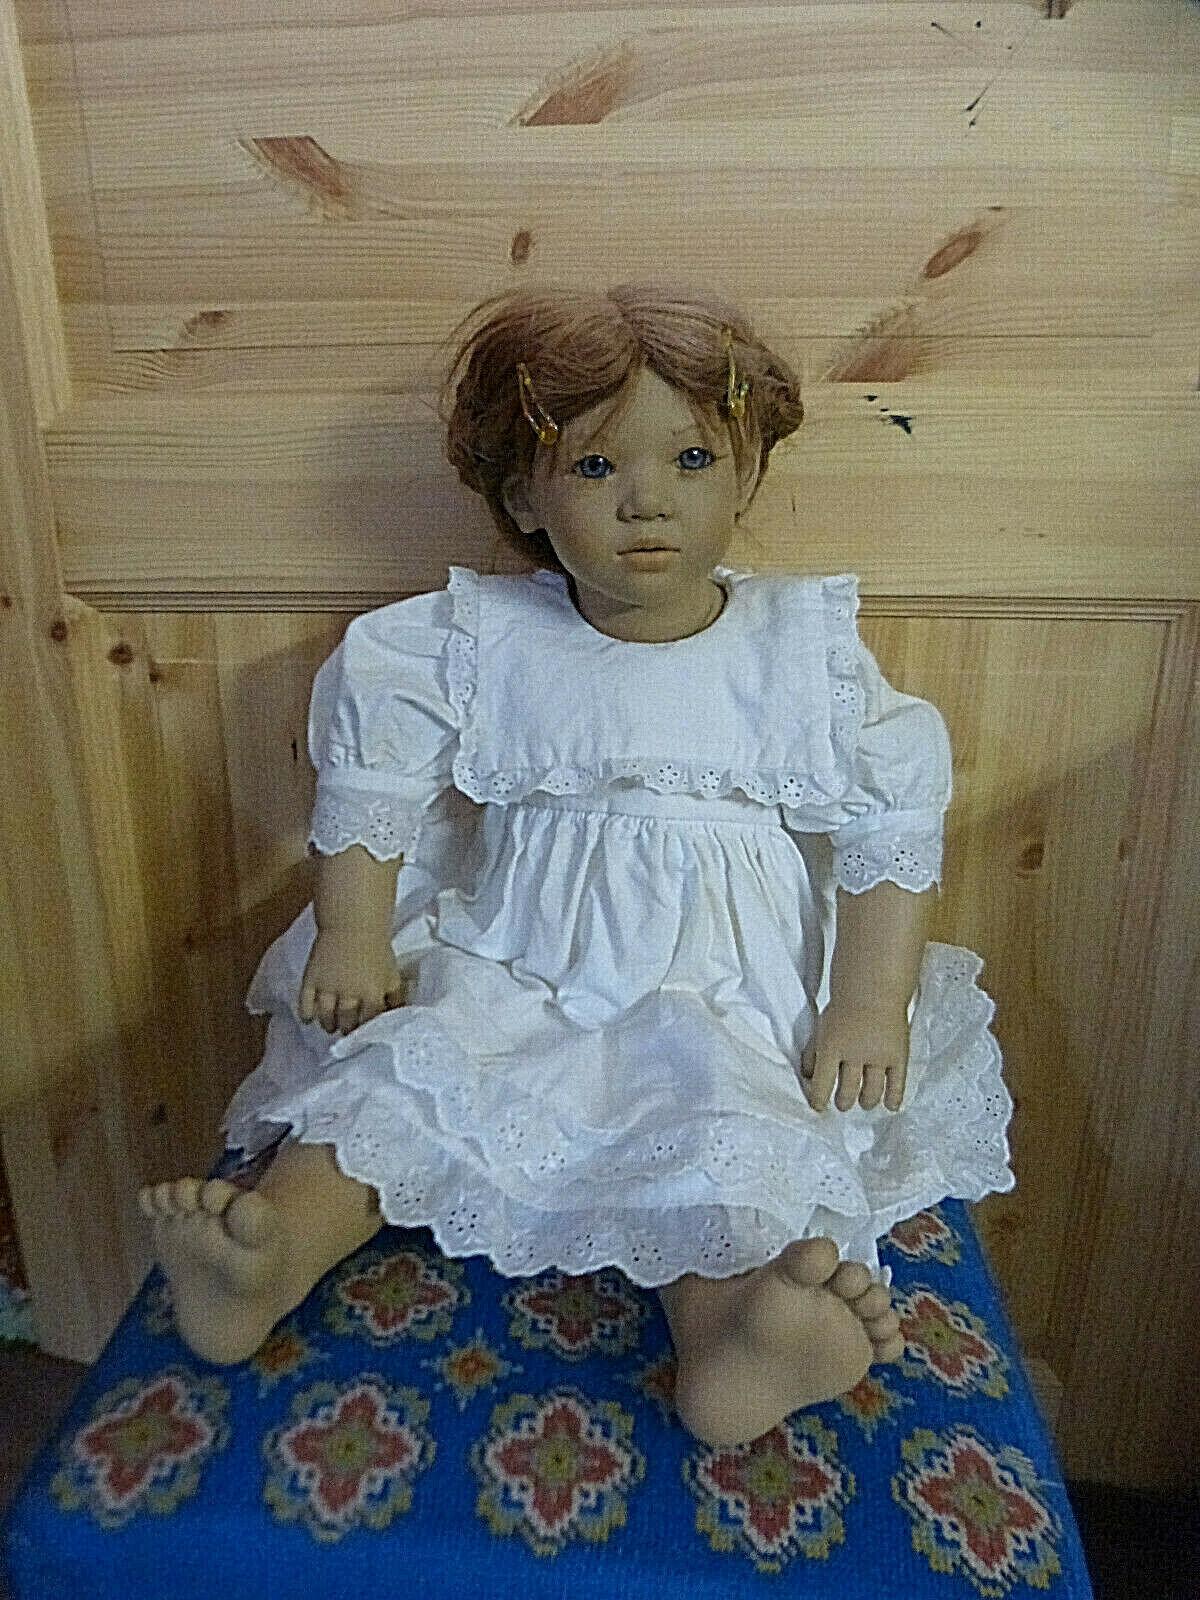 14073. Annette Himstedt Puppe 1991 92  -  weißes Spitzenkleid  -  67 cm